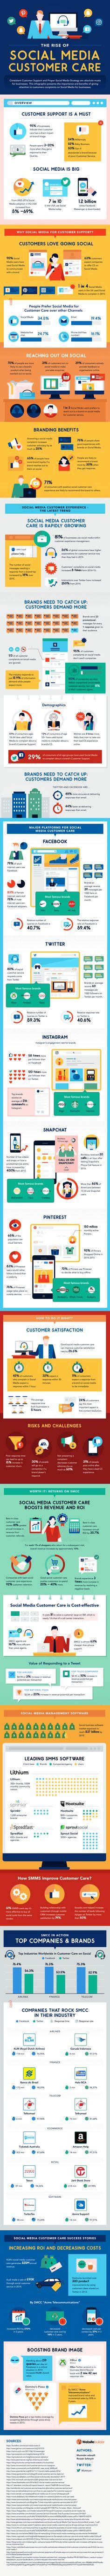 La atención al cliente es parte fundamental del éxito de un hotel. Y las redes sociales son la mejor herramienta para atraer y fidelizar al cliente